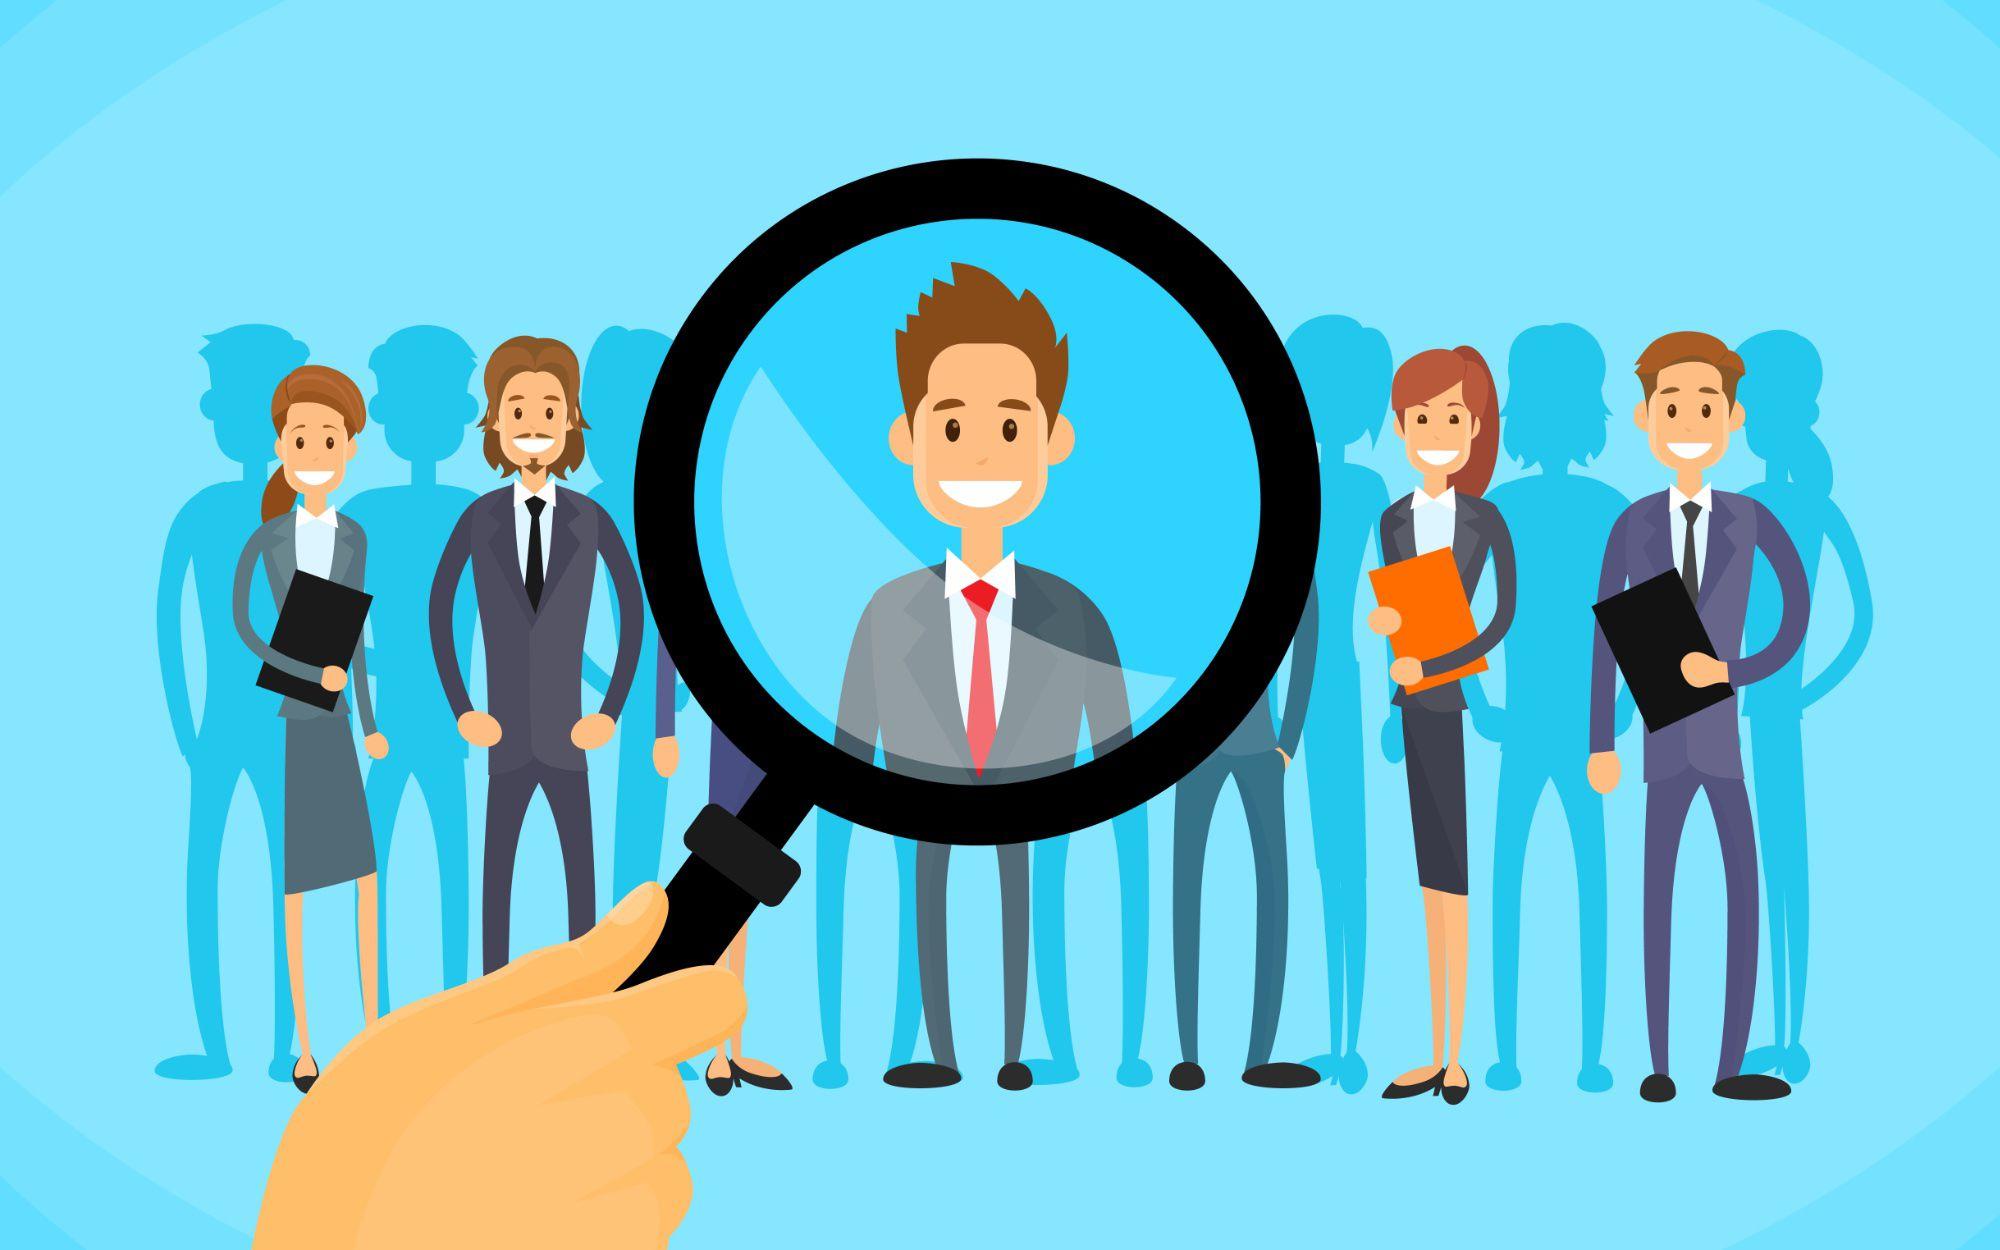 """Nhu cầu khách hàng là gì? Cách nắm gọn nhu cầu khách hàng """"trong lòng bàn  tay"""""""